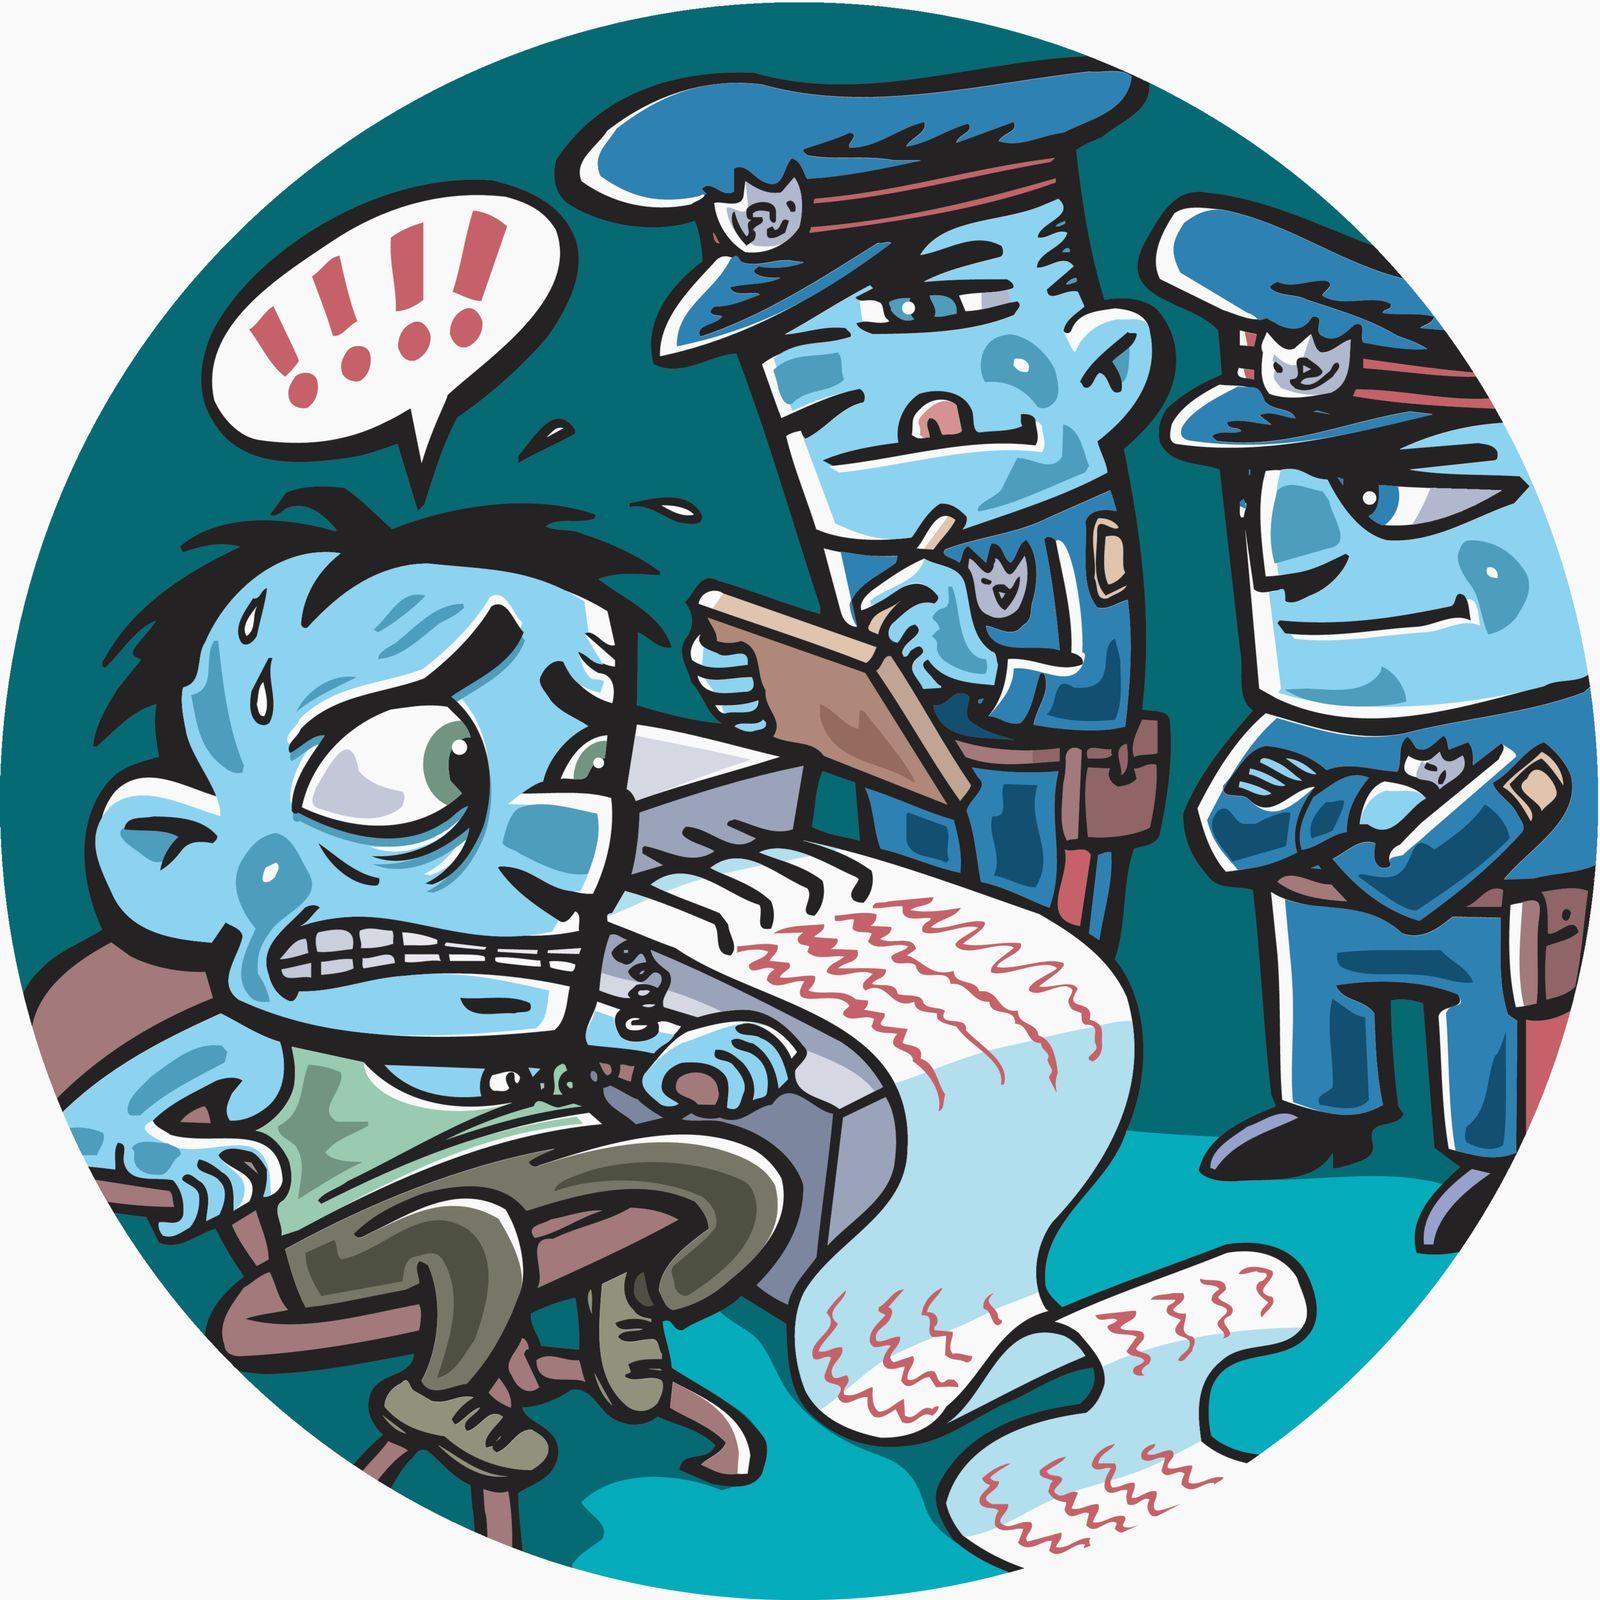 NICHT MEHR VERWENDEN! - SYMBOLBILD Lügendetektor